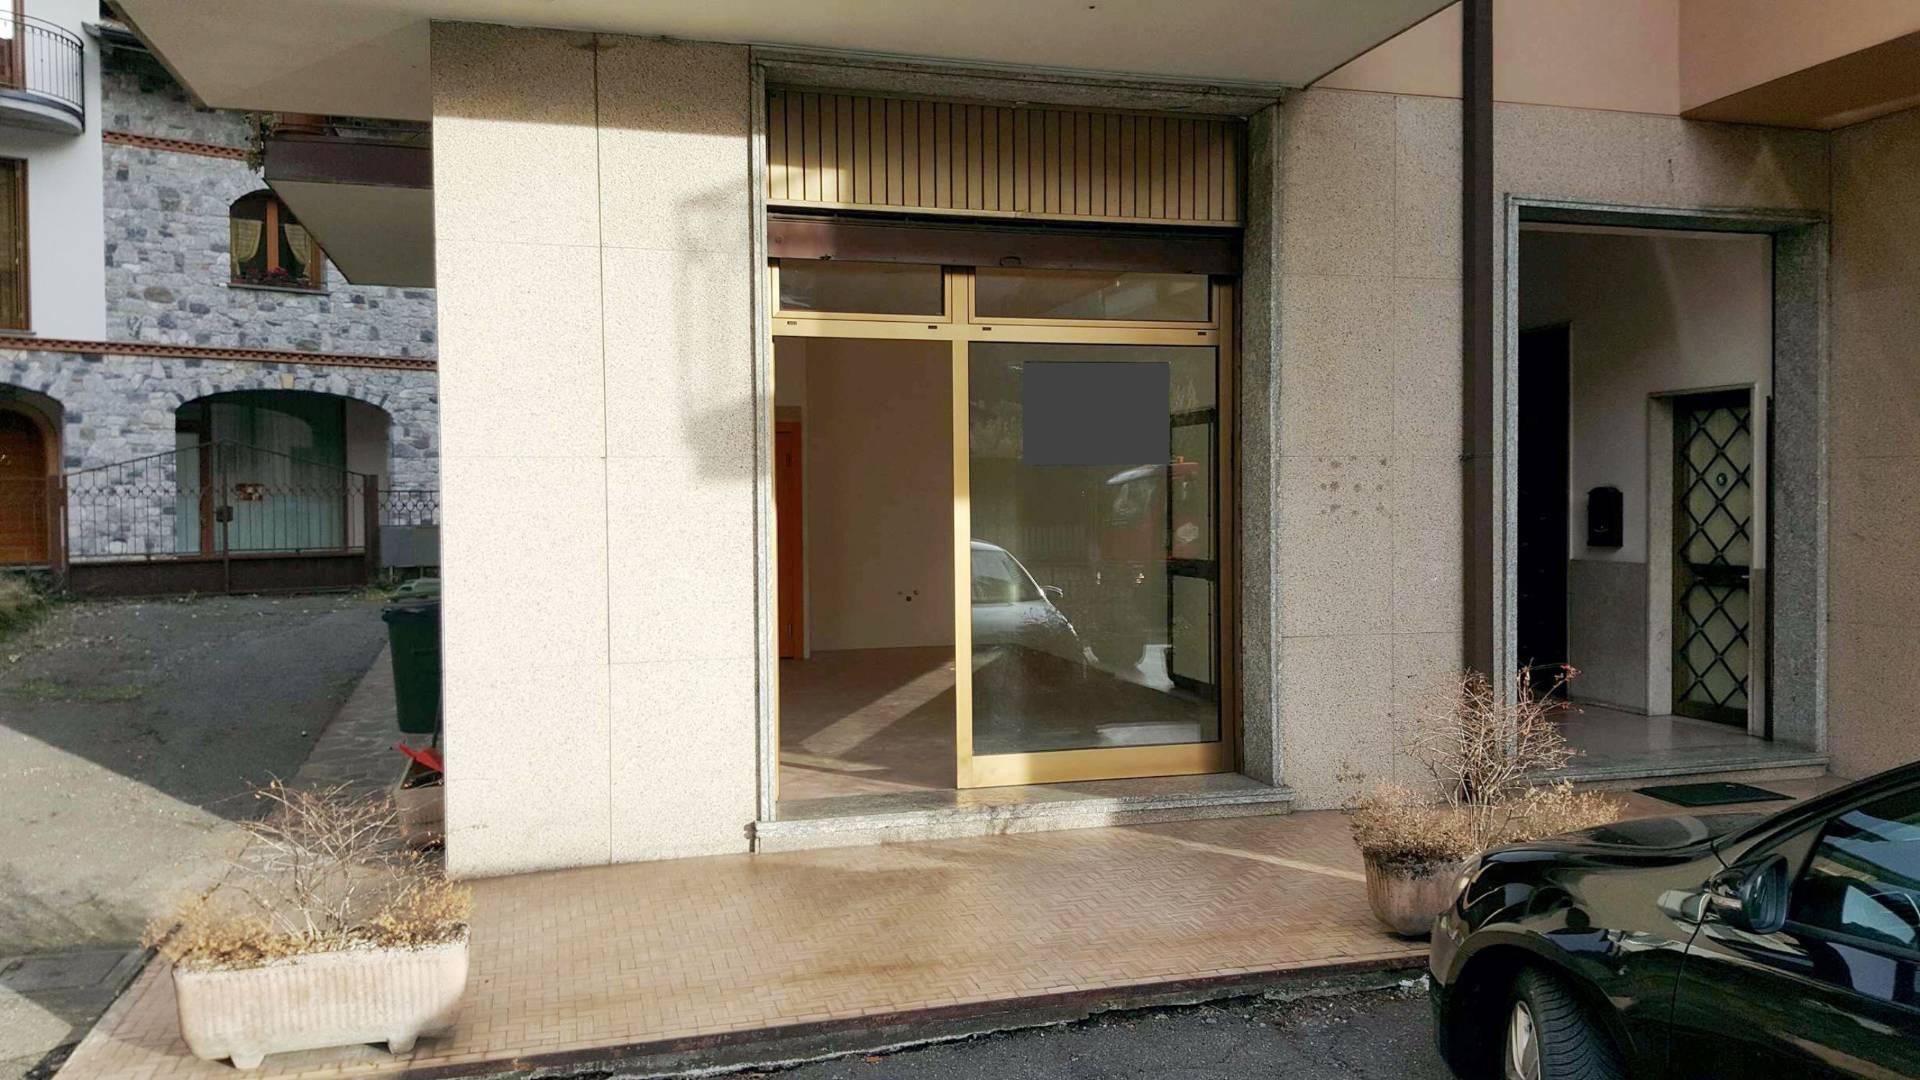 Negozio / Locale in affitto a Malegno, 9999 locali, prezzo € 300 | CambioCasa.it